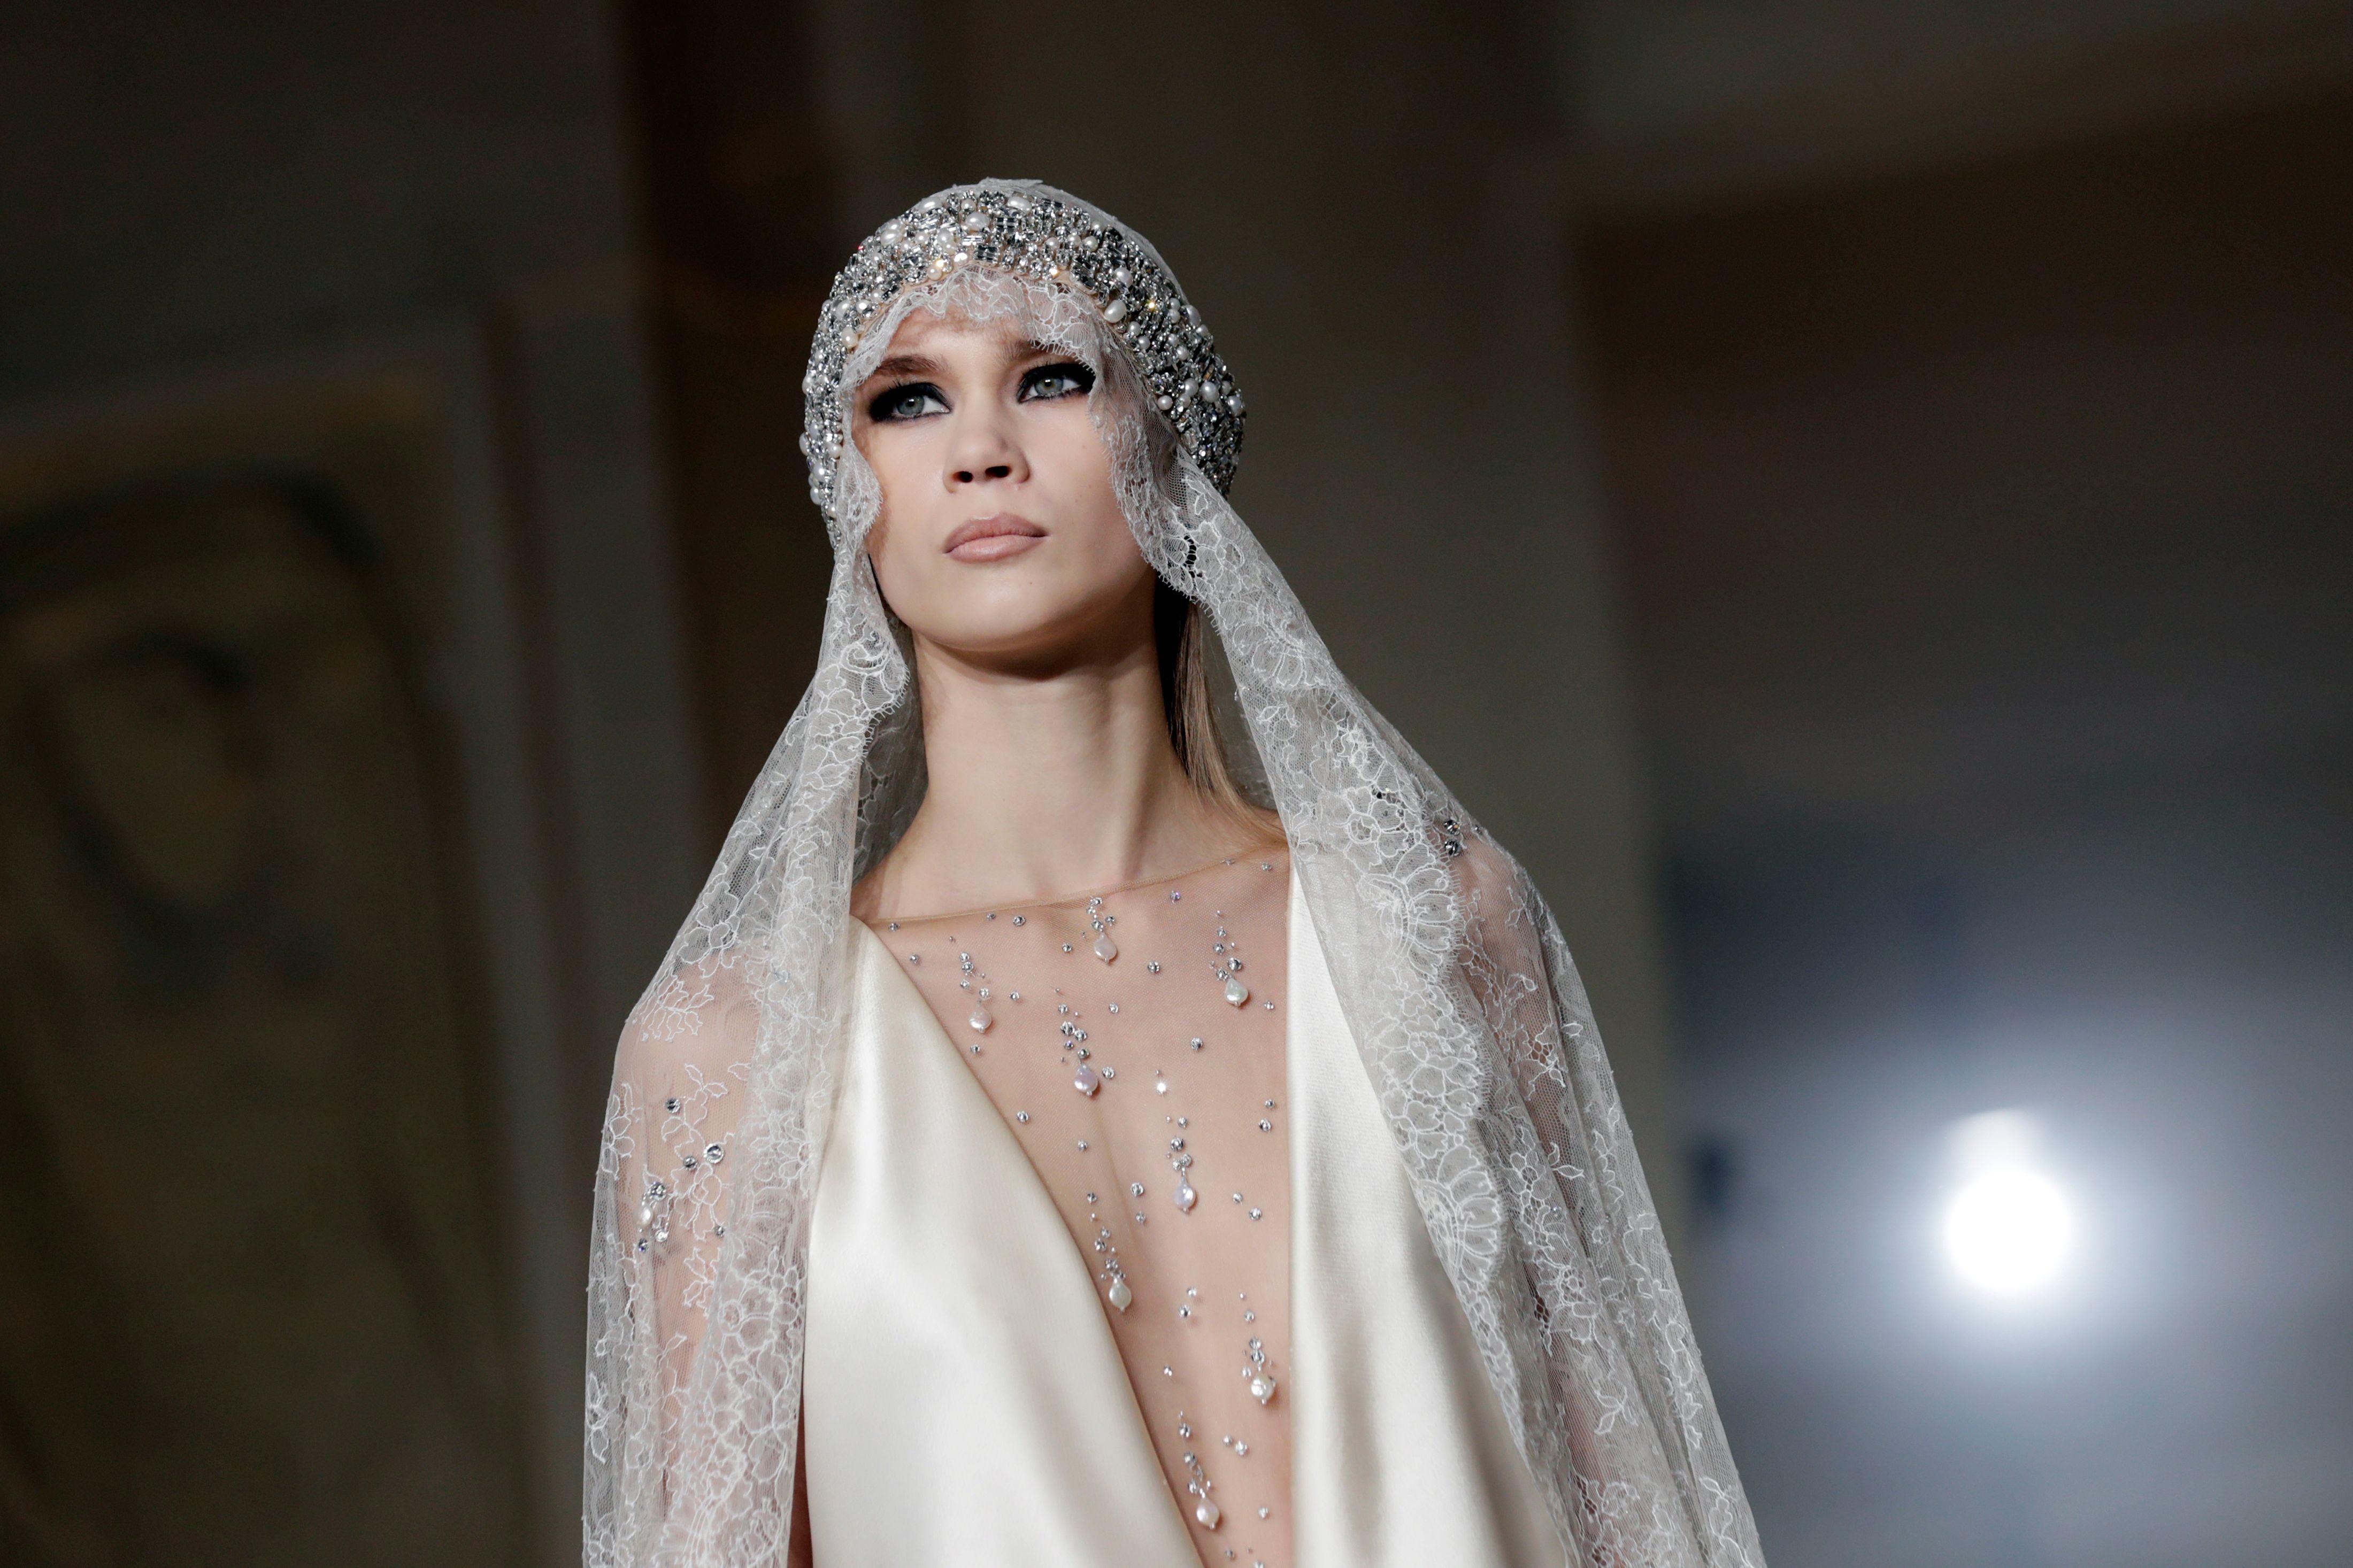 8033db0d19b8 Come scegliere l abito da sposa perfetto  6 modelli per il matrimonio a cui  ispirarsi